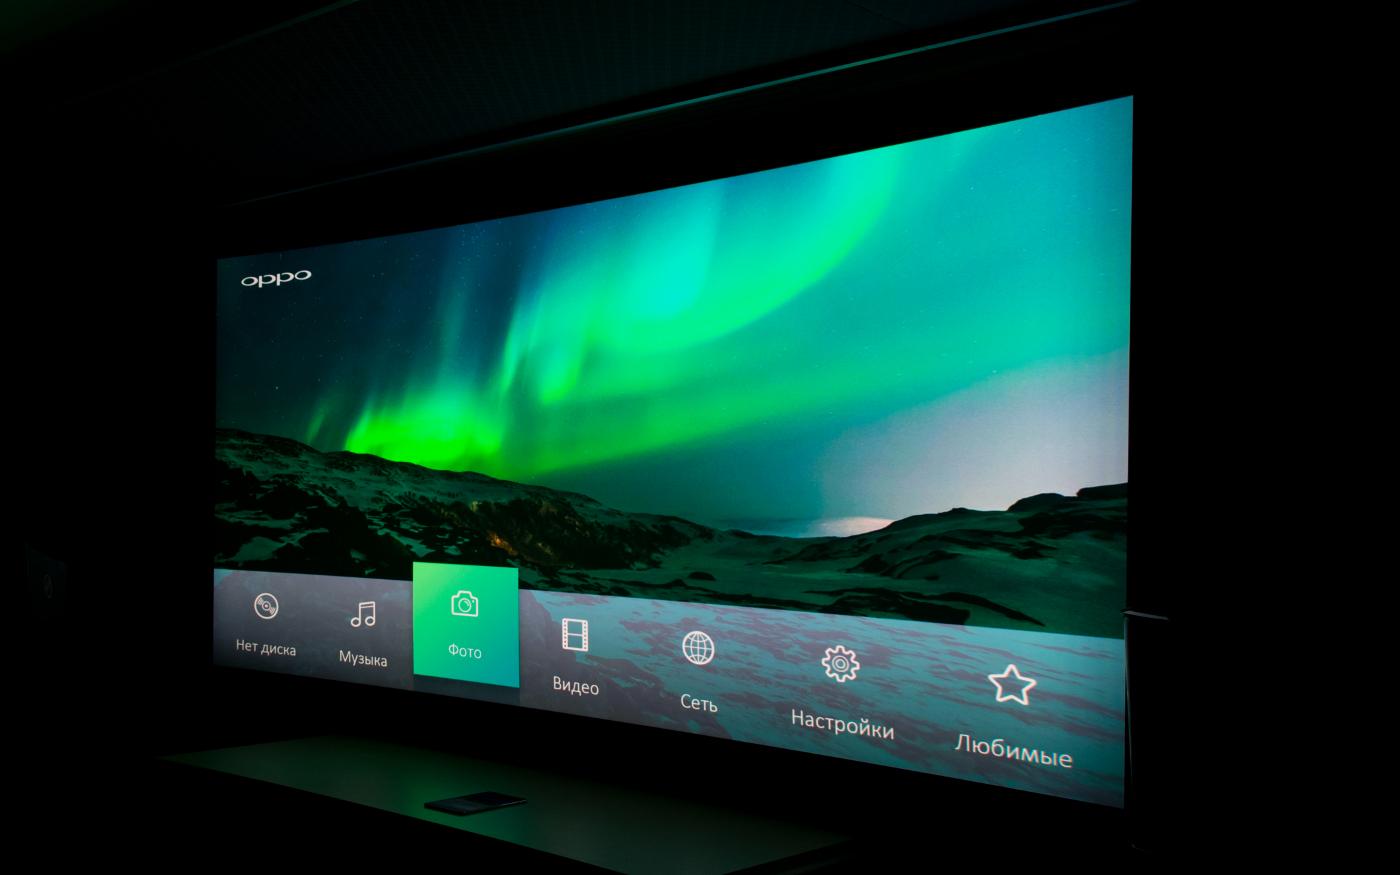 Персональный кинозал 4K - изображение